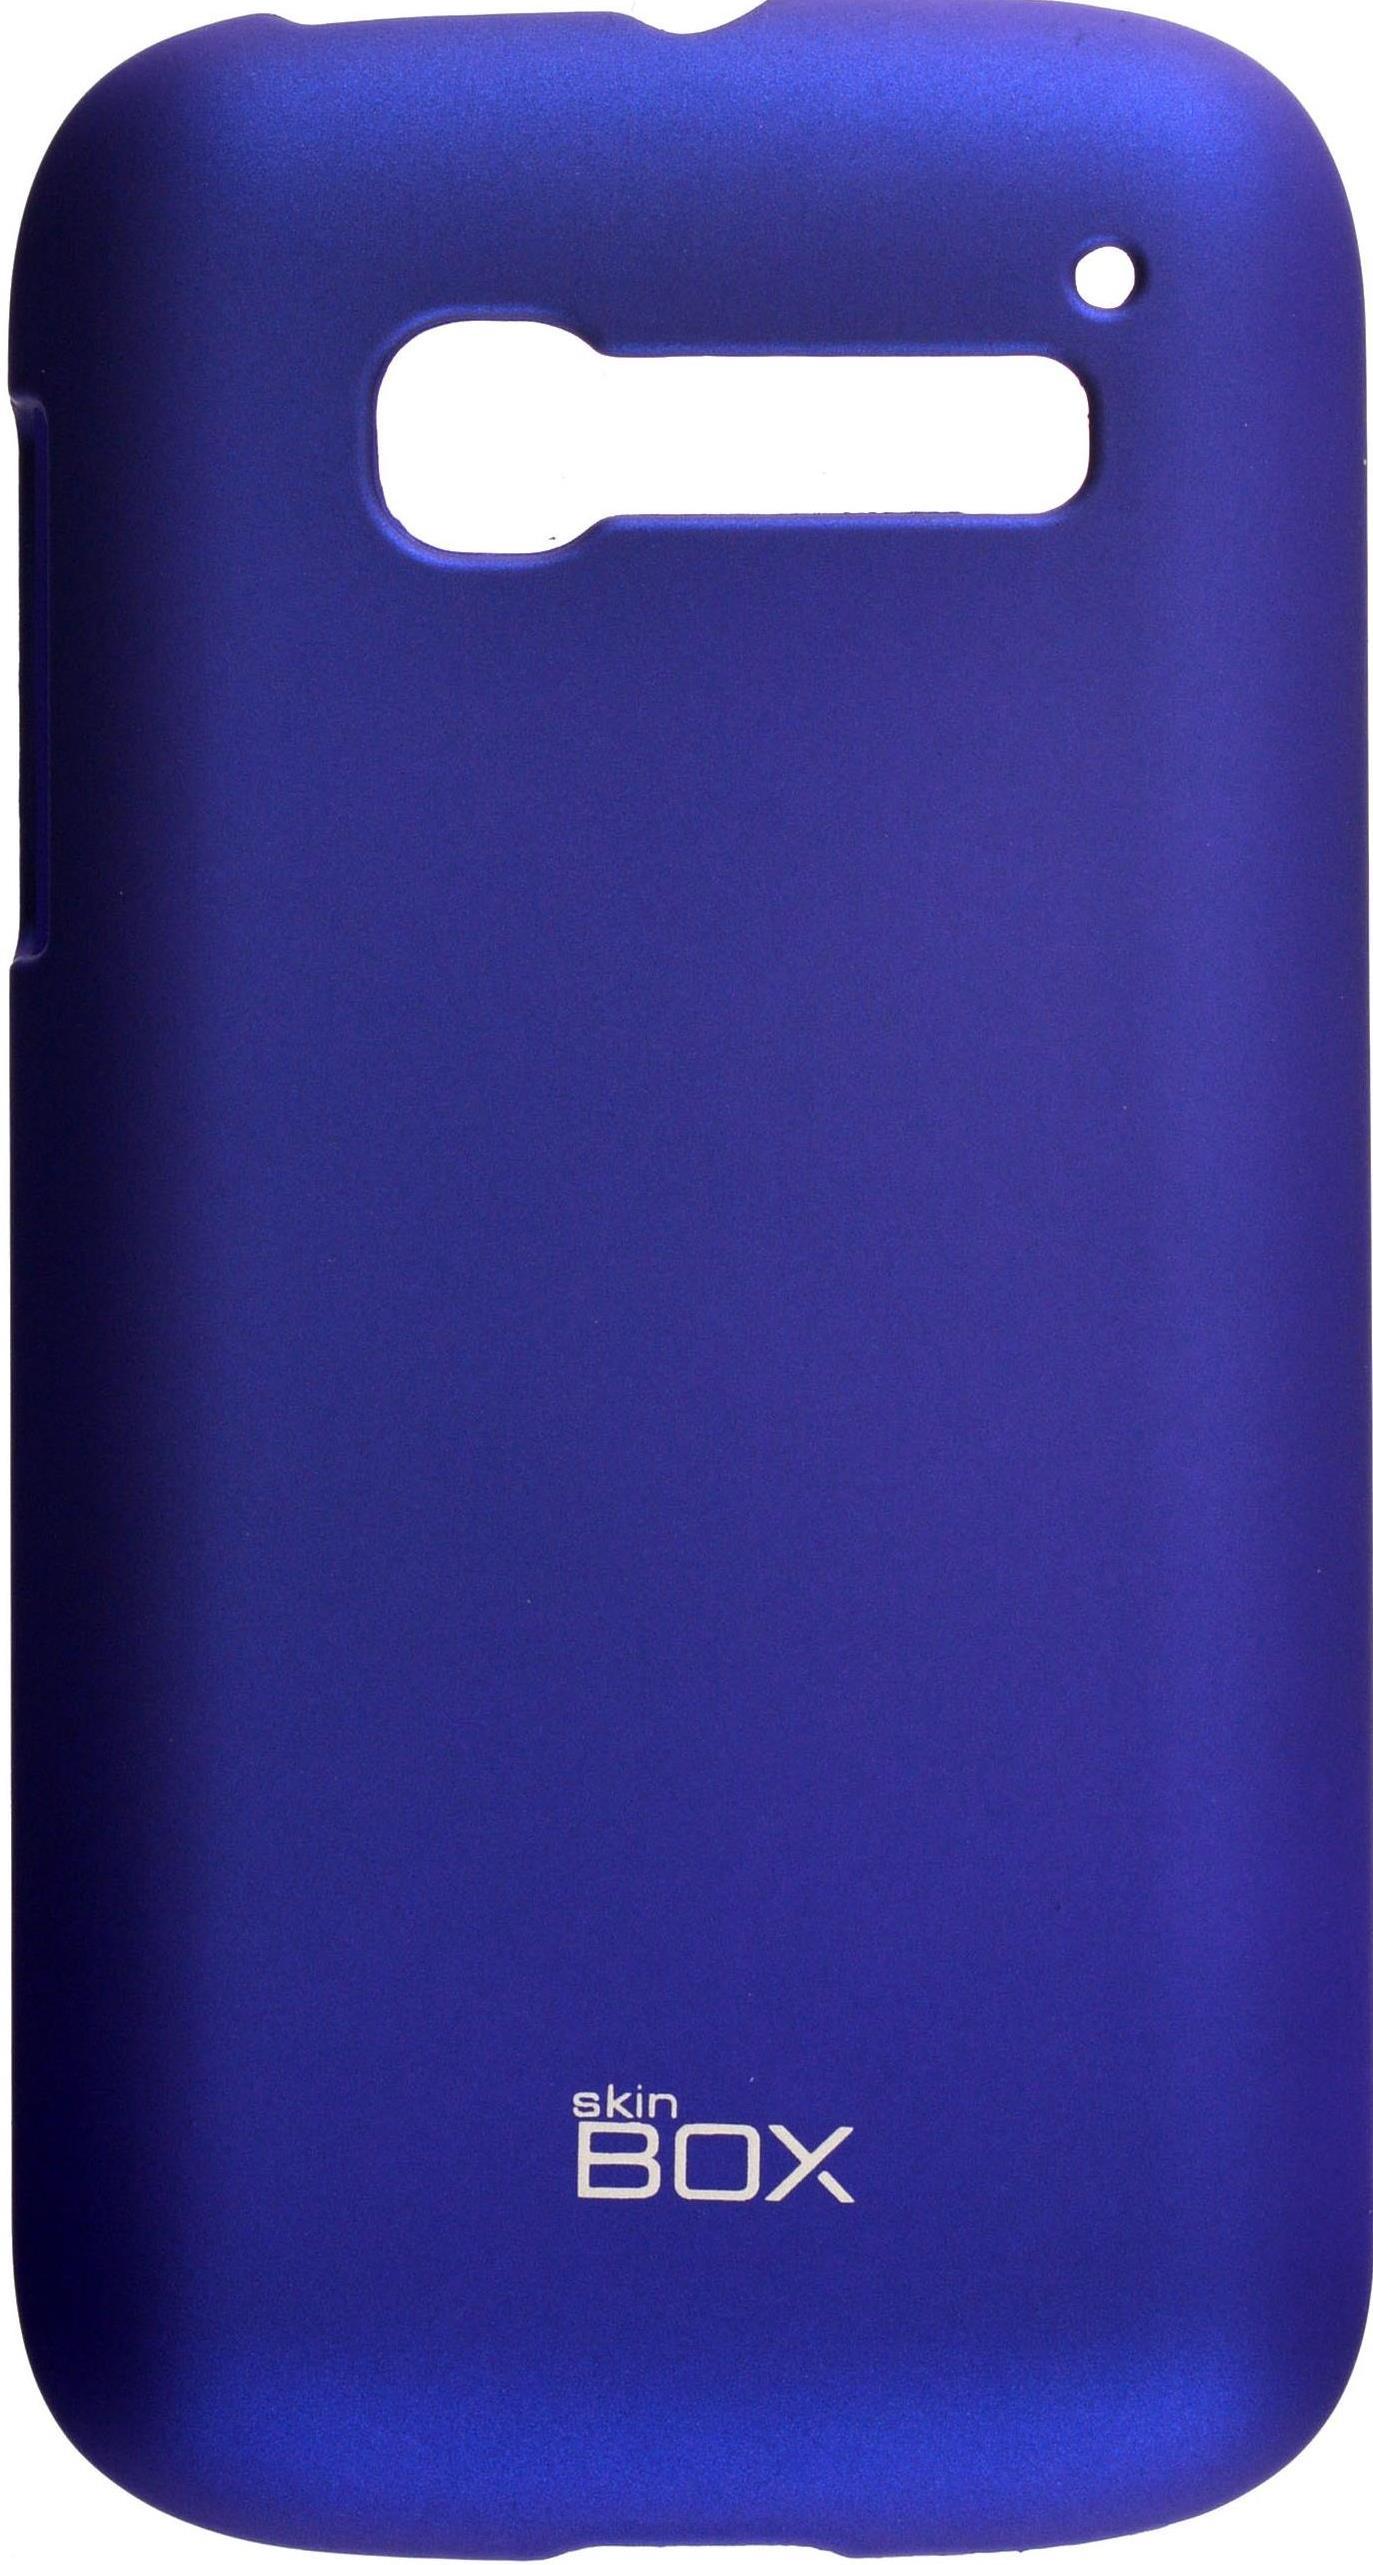 Накладка skinBOX для Alcatel5036D, 2000000074146, синий чехлы для телефонов skinbox flip slim skinbox alcatel 4024d pixi